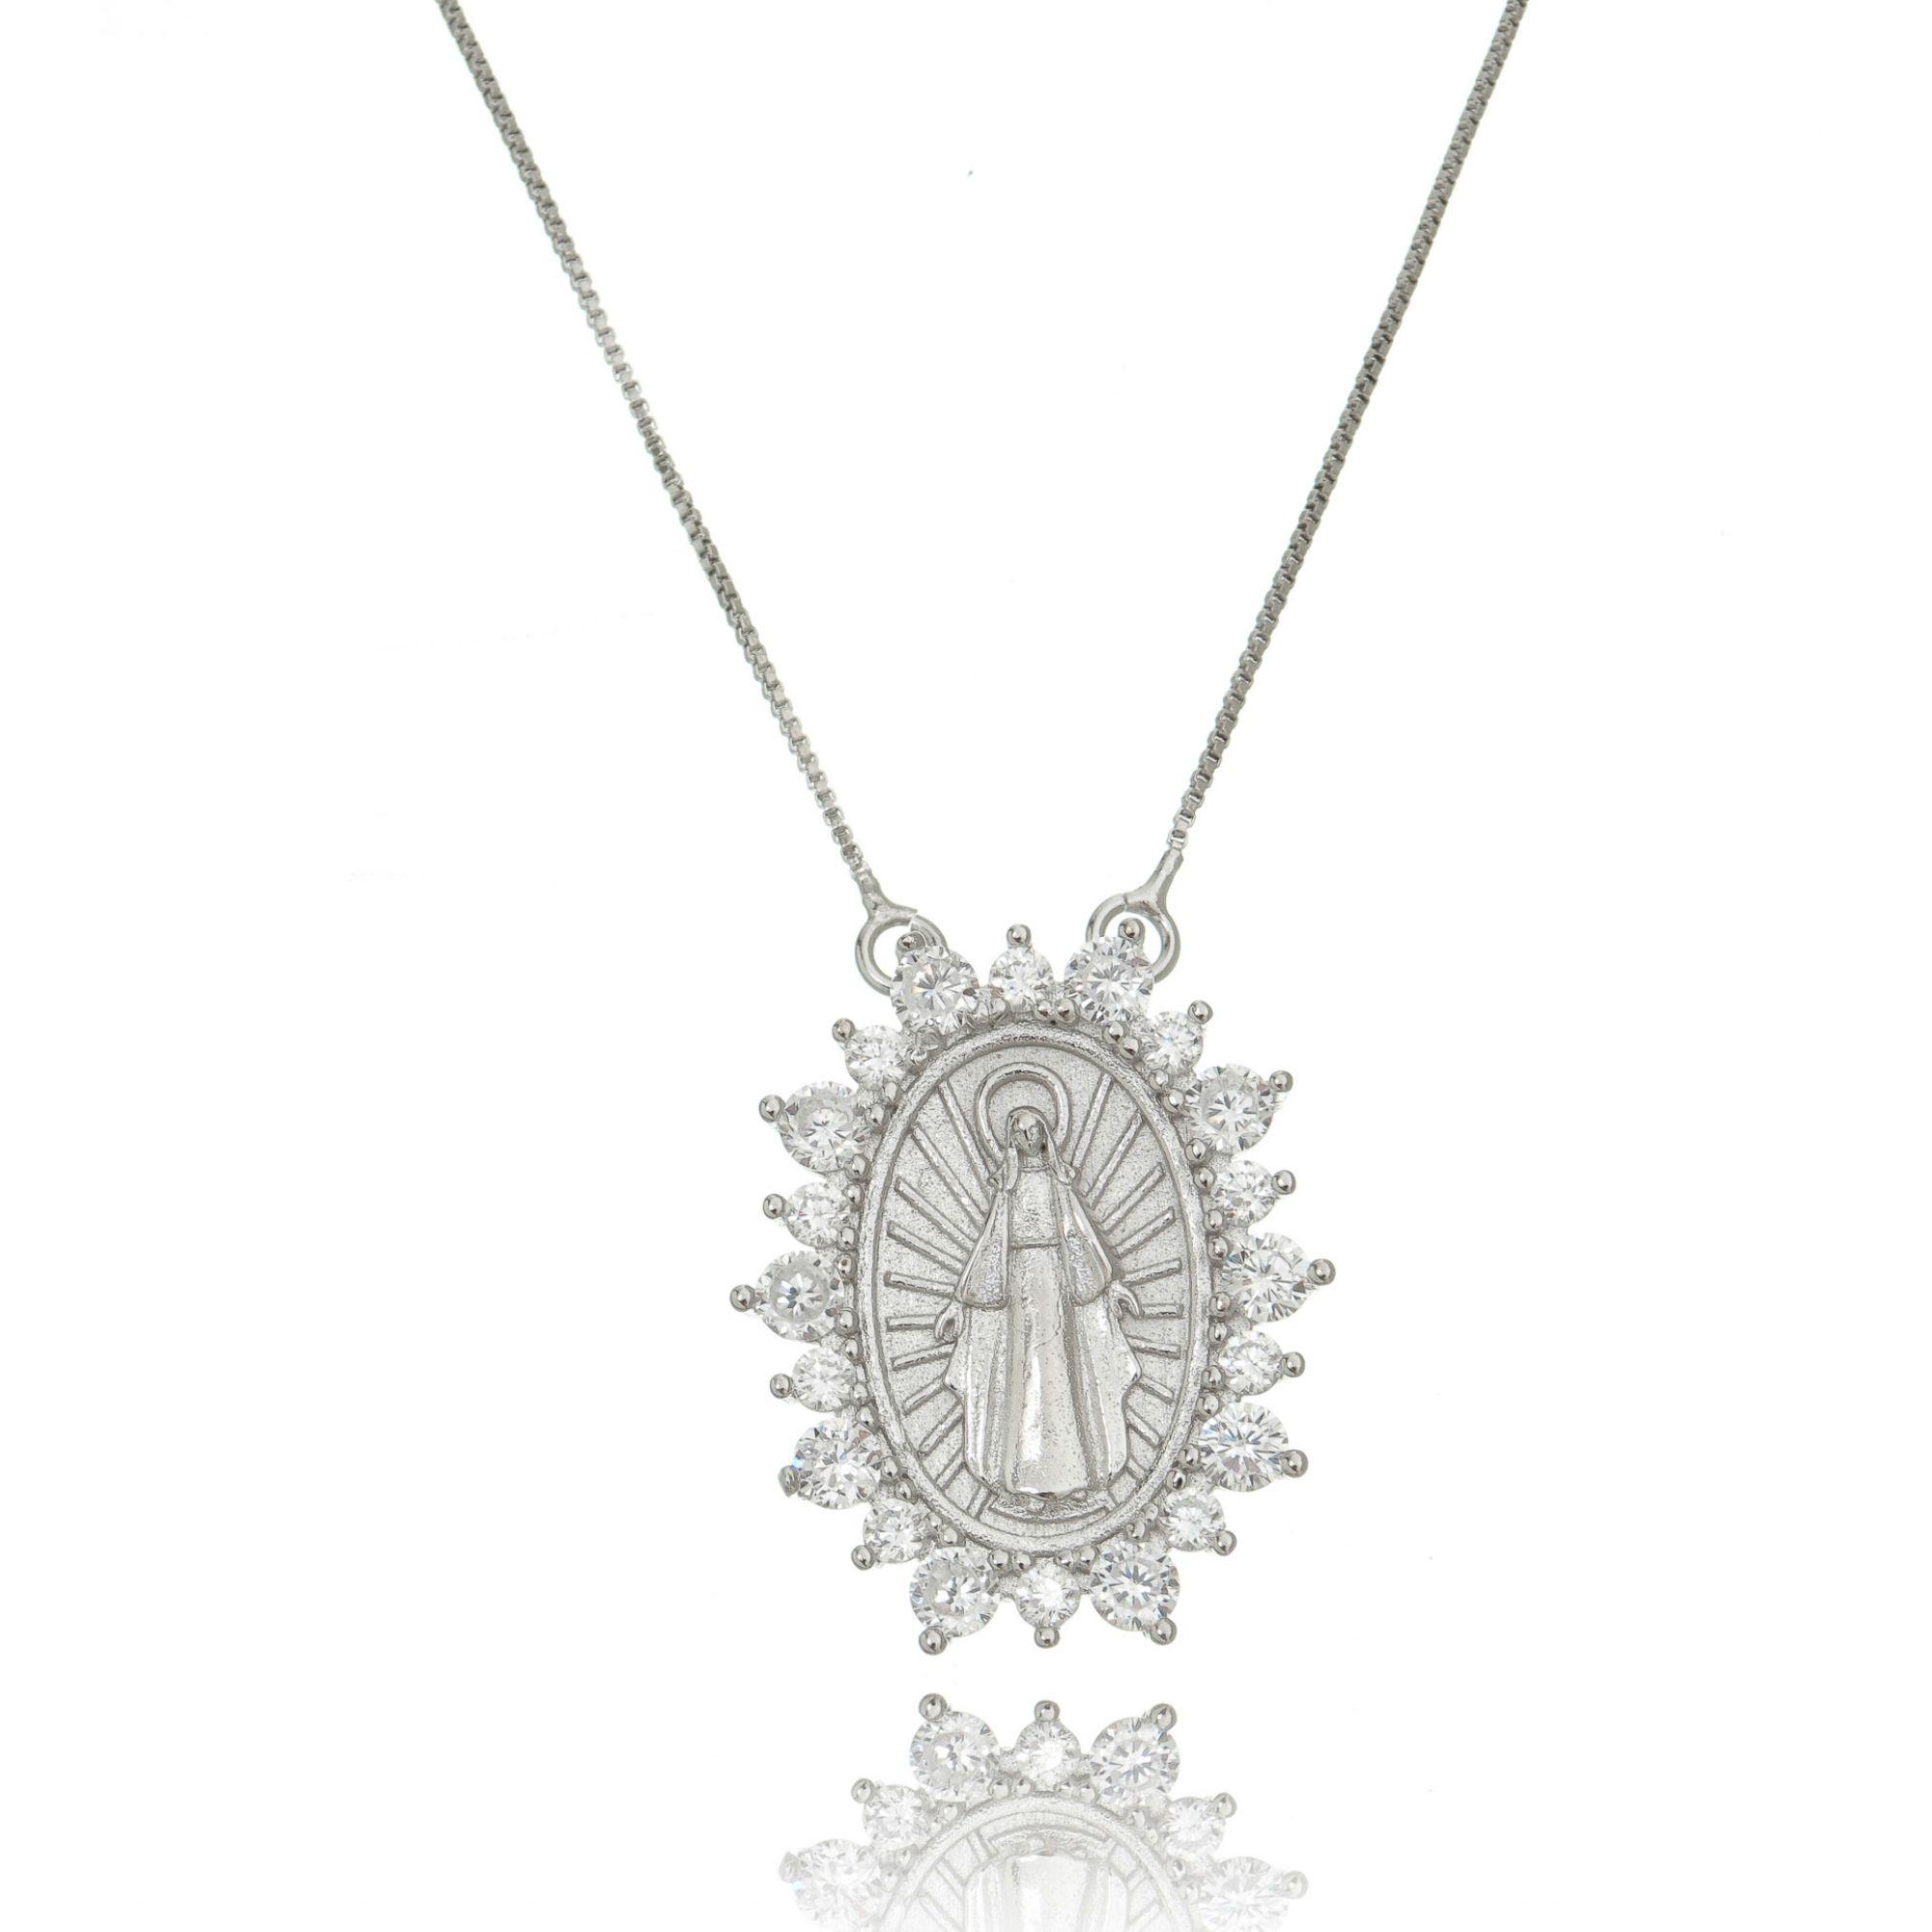 Colar Nossa Senhora das Graças Prata com Zircônia Cristal Semijoia em Ródio Branco  - Soloyou